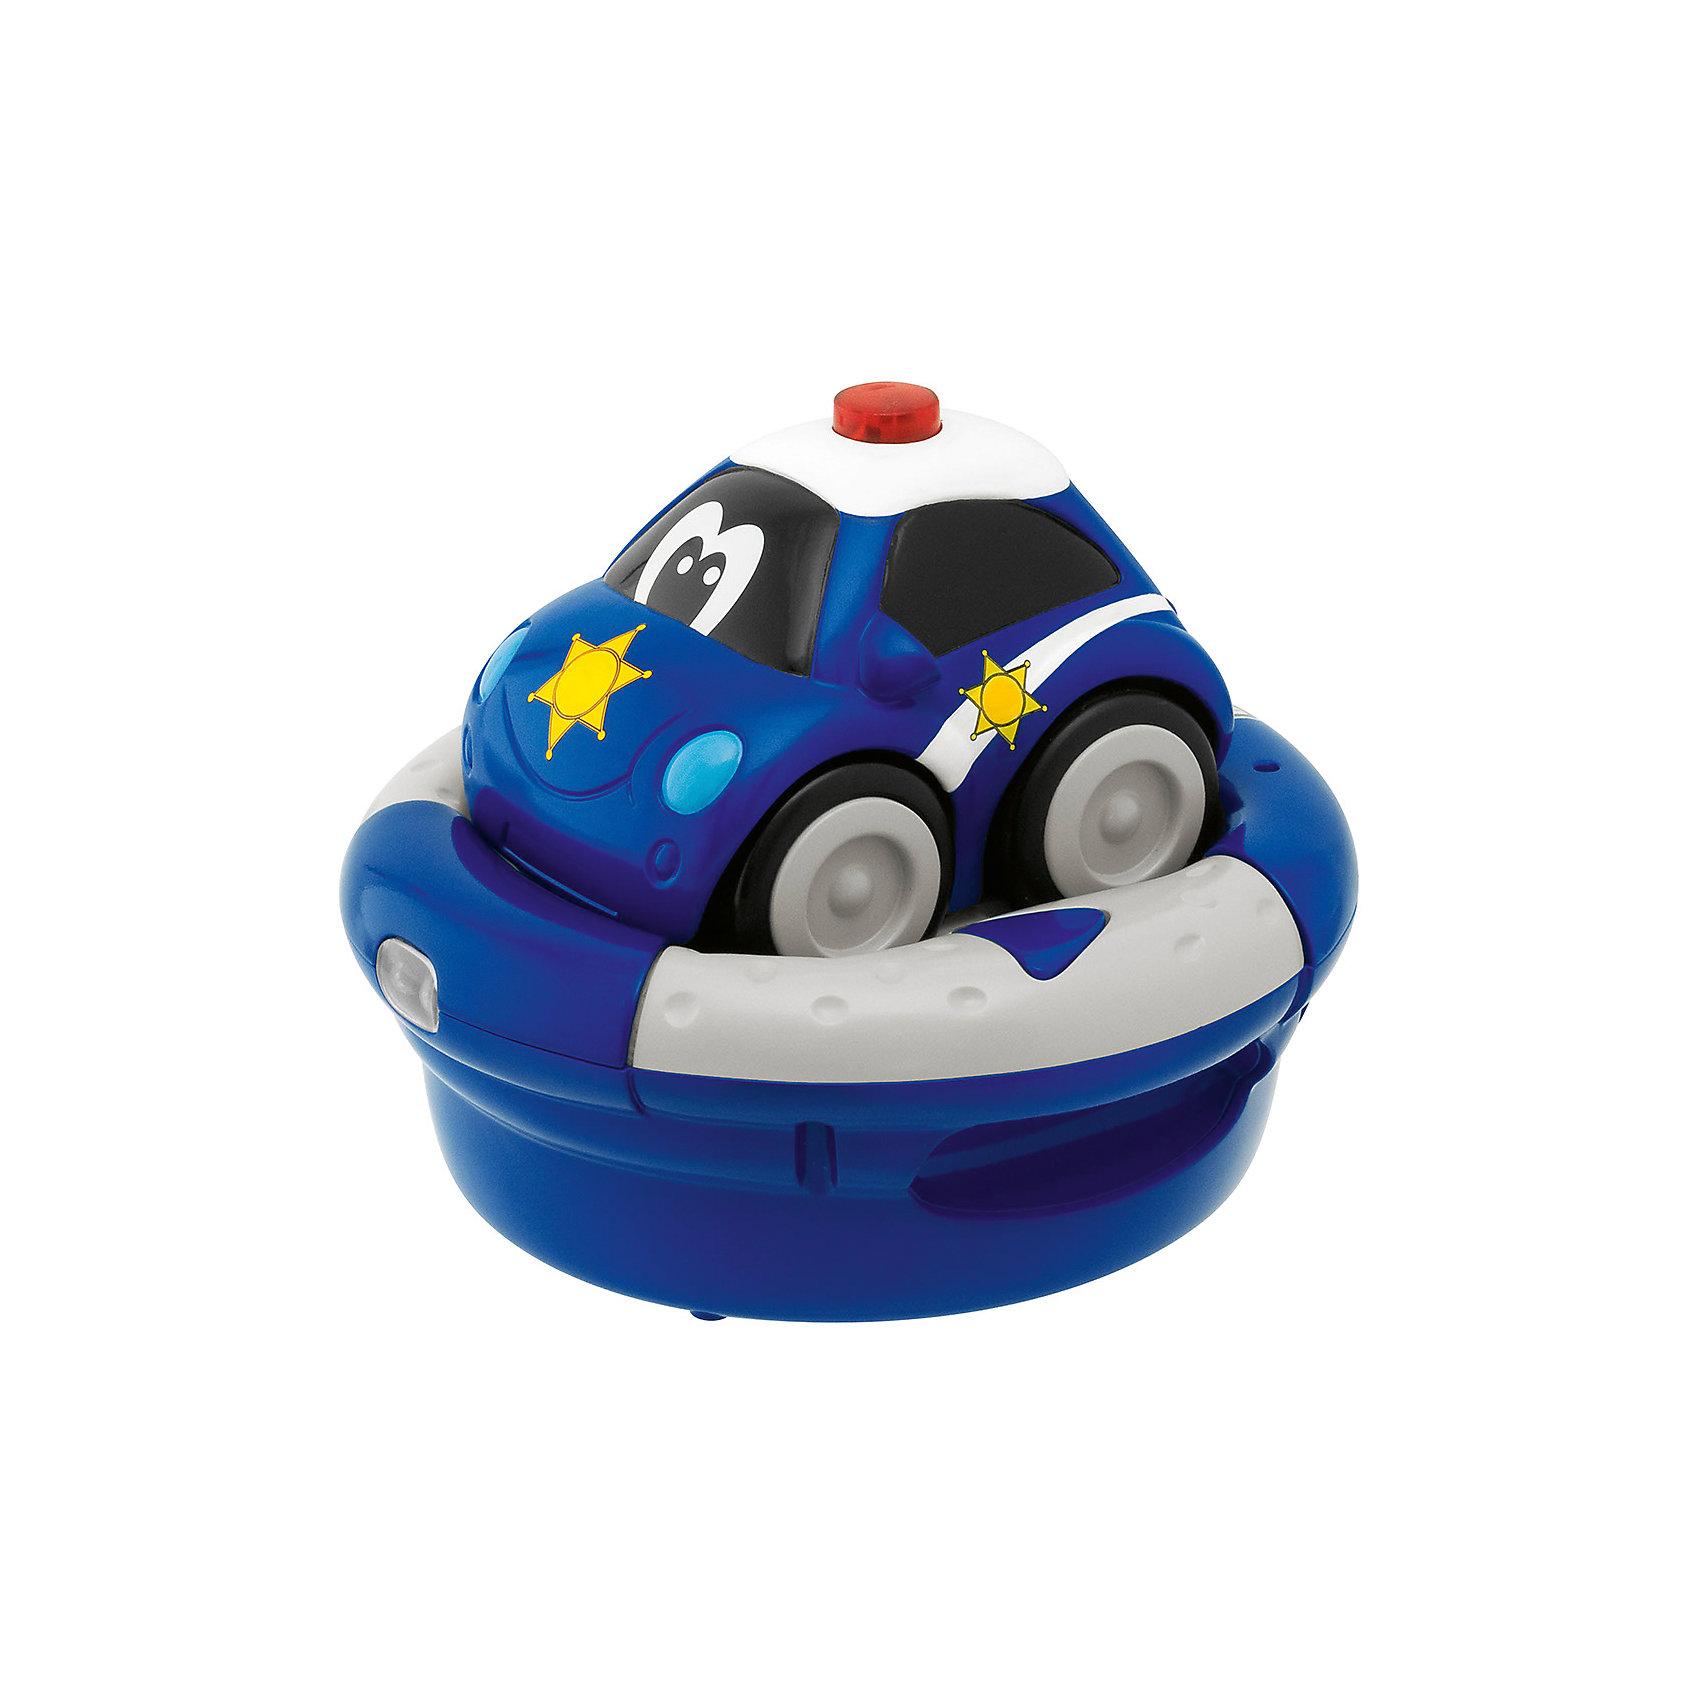 Полицейская машина с зарядным устройством, р/у, ChiccoПолицейская машина с зарядным устройством, р/у, Chicco (Чико) – эта яркая машина доставит массу удовольствия юному автолюбителю.<br>Полицейская машина с зарядным устройством на радиоуправлении подойдет для малышей, которые неравнодушны к различным спасательным машинам. Такая игрушка поможет ребенку придумать множество сюжетных игр, например с поимкой опасных преступников. В машинке – встроенный аккумулятор, а зарядное устройство является также рулем, на котором есть две кнопки, одна – чтобы двигаться вперед, и другая – чтобы повернуть автомобиль и изменить направление. Руль очень удобный и легкий для захвата детскими ручками, так что справиться с управлением автомобиля сможет даже самый маленький автолюбитель. Движение сопровождается реалистичными звуками - при движении вперед мотор начинает нетерпеливо рычать, а изменение направления сопровождается веселым шумом. Во время игры у крохи развивается координация движения, мелкая моторика и воображение. Изготовлена из высококачественного безопасного пластика.<br><br>Дополнительная информация:<br><br>- Материал: пластик<br>- Автомобиль ездит на встроенной NiMH аккумуляторной батарее<br>- Для работы инфракрасного руля нужны 4 батарейки АА (в комплект не входят)<br>- Размер: 11,9 х 12,4 х 8,9 см.<br><br>Полицейскую машину с зарядным устройством, р/у, Chicco (Чико) можно купить в нашем интернет-магазине.<br><br>Ширина мм: 150<br>Глубина мм: 152<br>Высота мм: 131<br>Вес г: 483<br>Возраст от месяцев: 12<br>Возраст до месяцев: 60<br>Пол: Унисекс<br>Возраст: Детский<br>SKU: 2450433